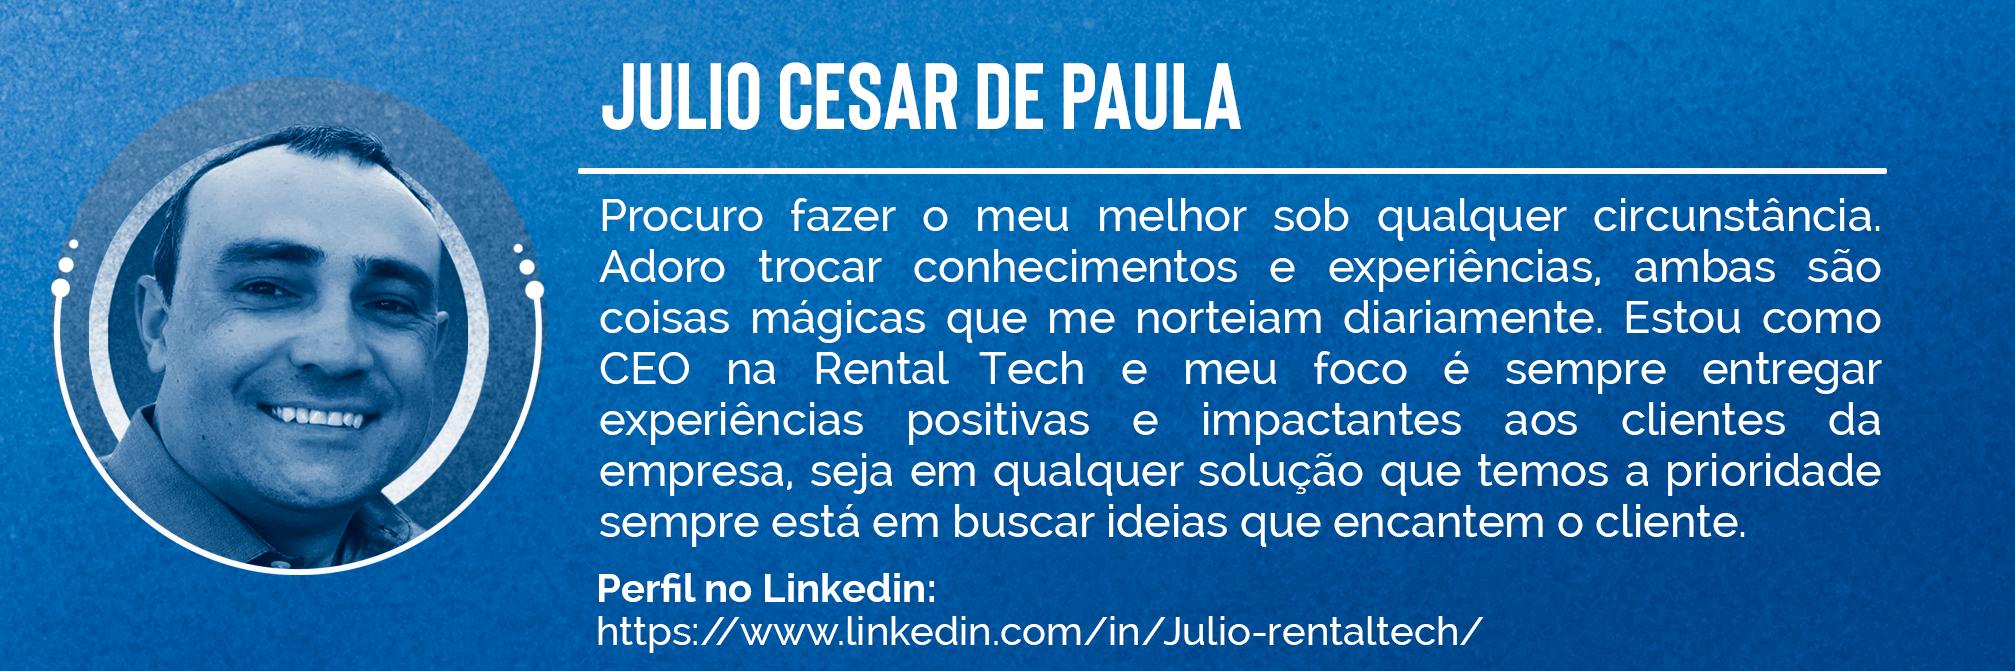 Imagem de mini currículo de Julio Cesar de Paula, especialista em outsourcing de impressão.